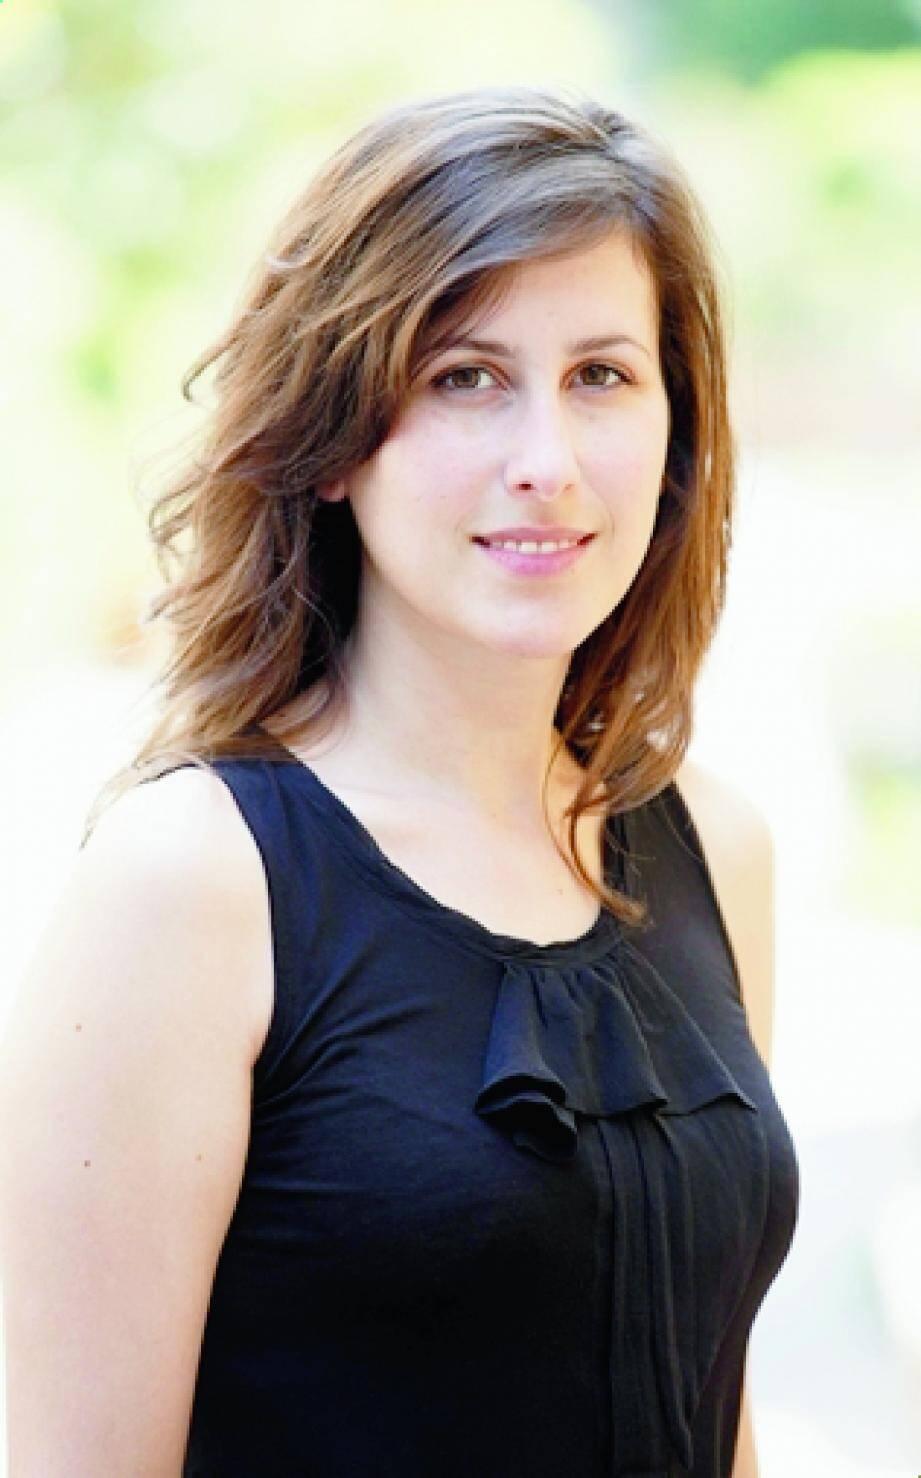 Anne Foata (Région et peuples solidaires).